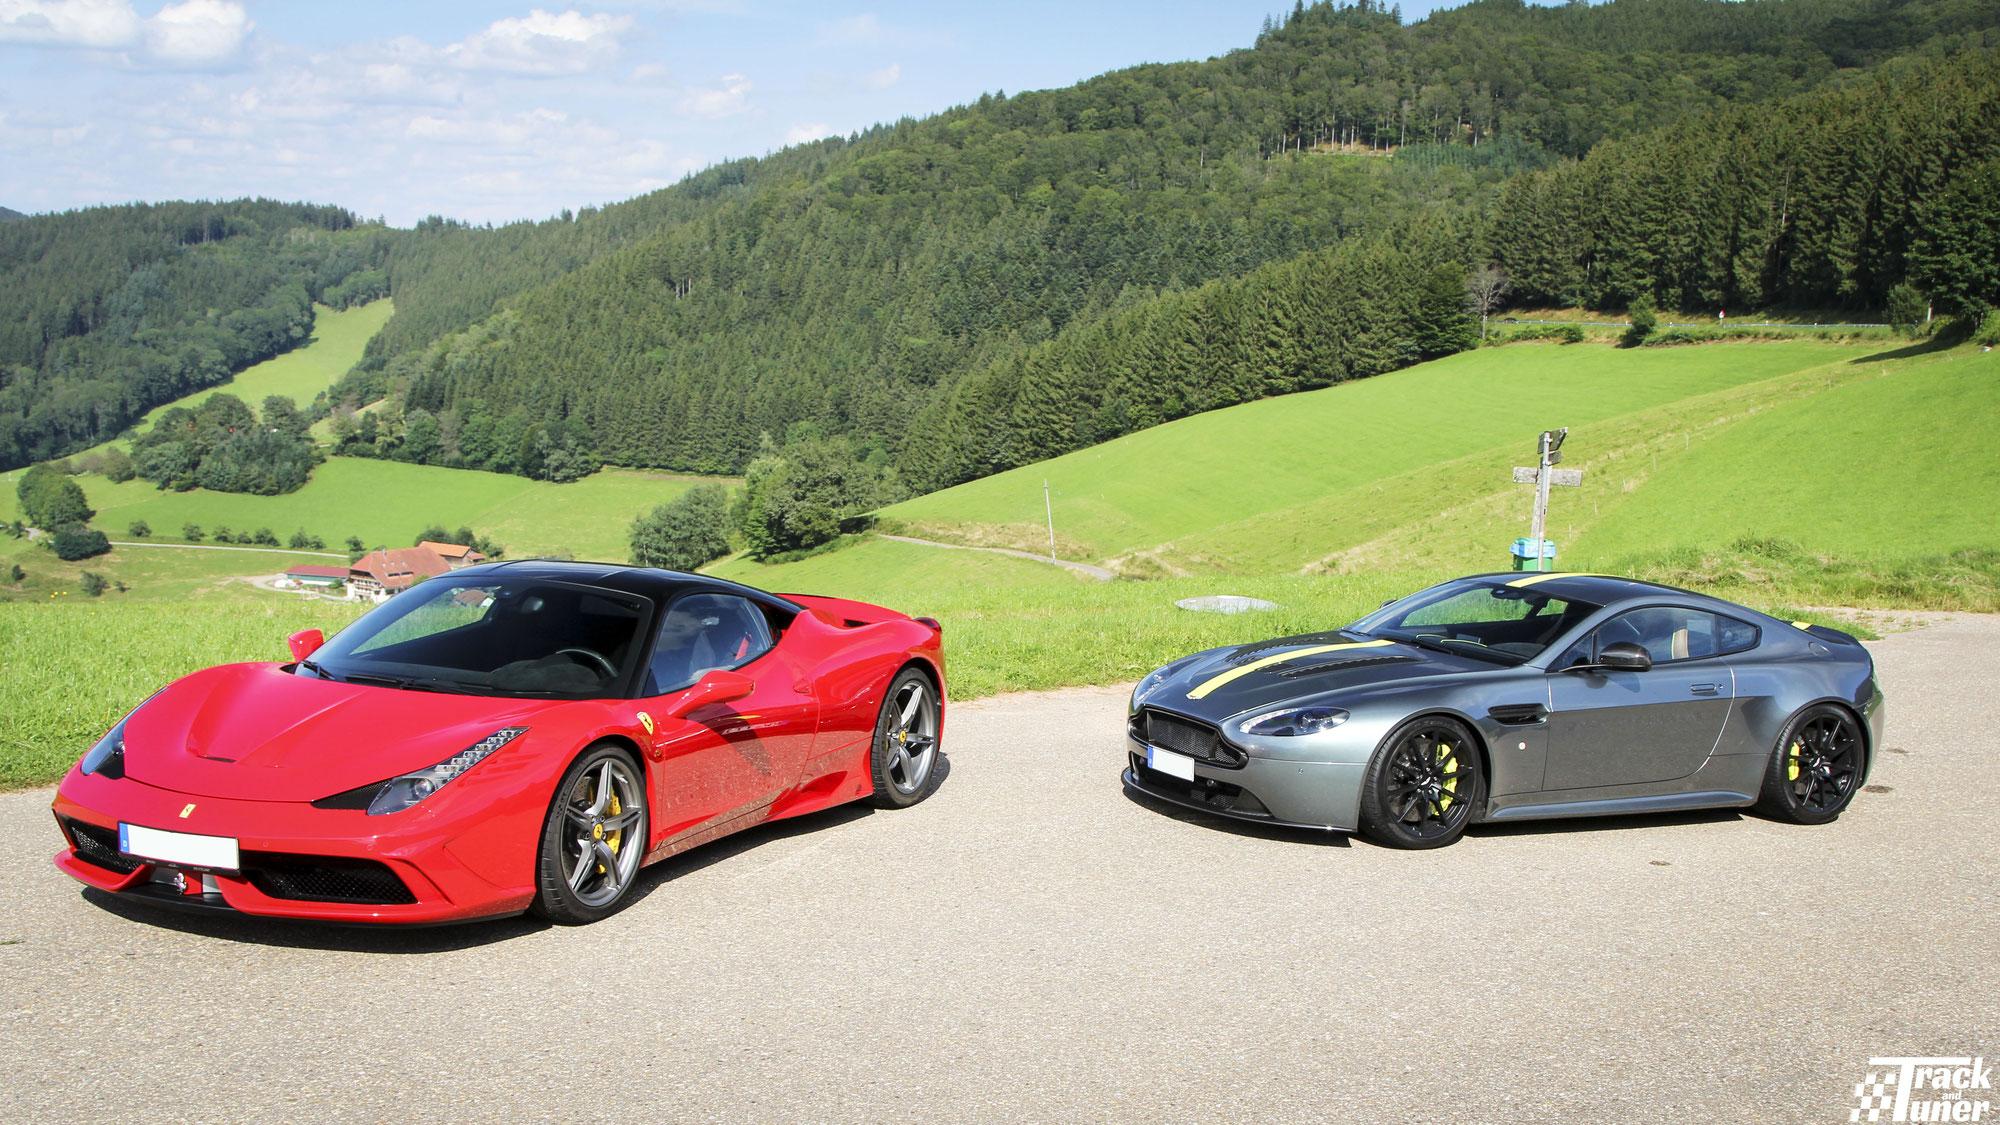 WeDRIVE: Magic in the mountains - Ferrari 458 speciale vs Aston Martin V12